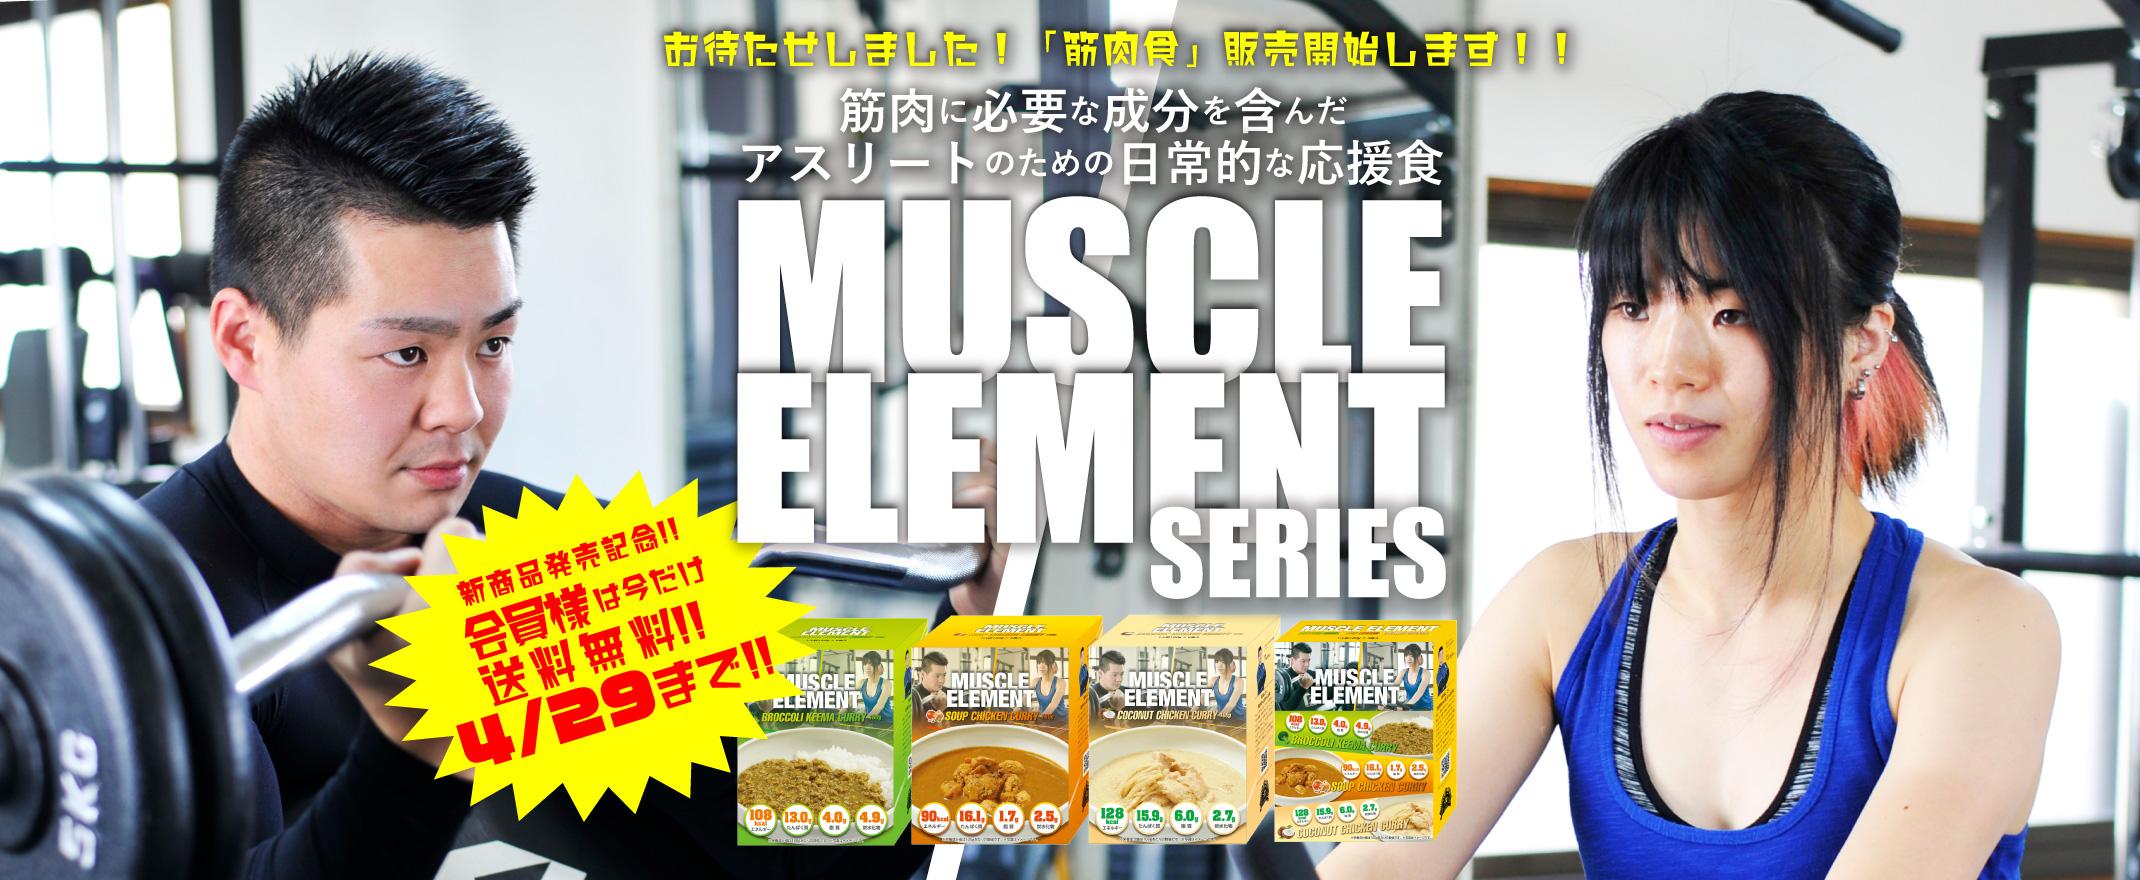 4/19正午より!「筋肉食」販売開始します!